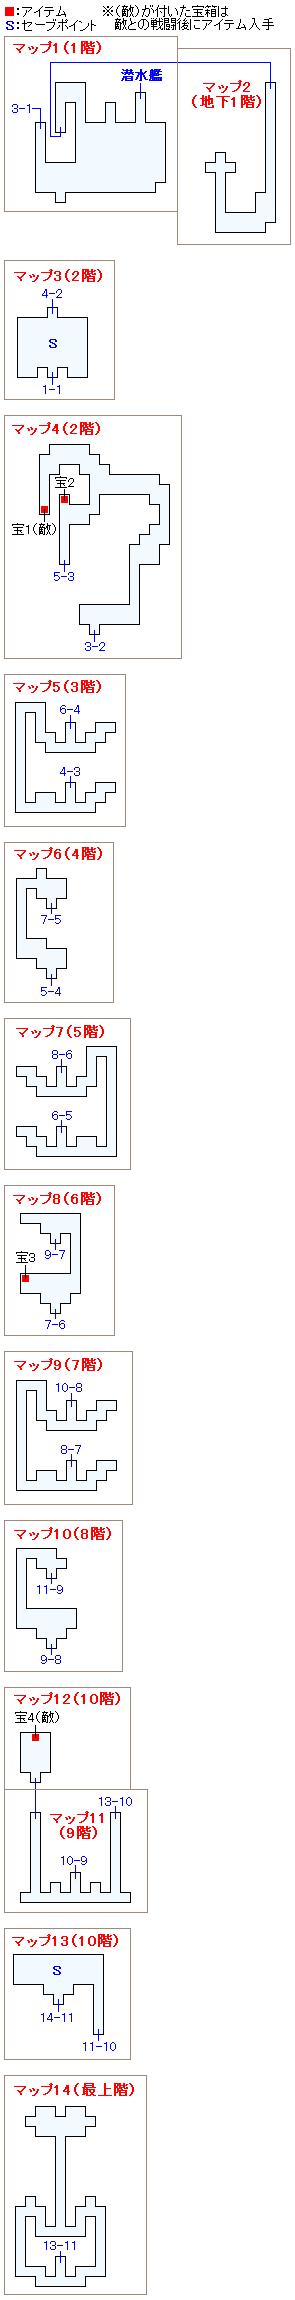 バリアの塔のマップ画像